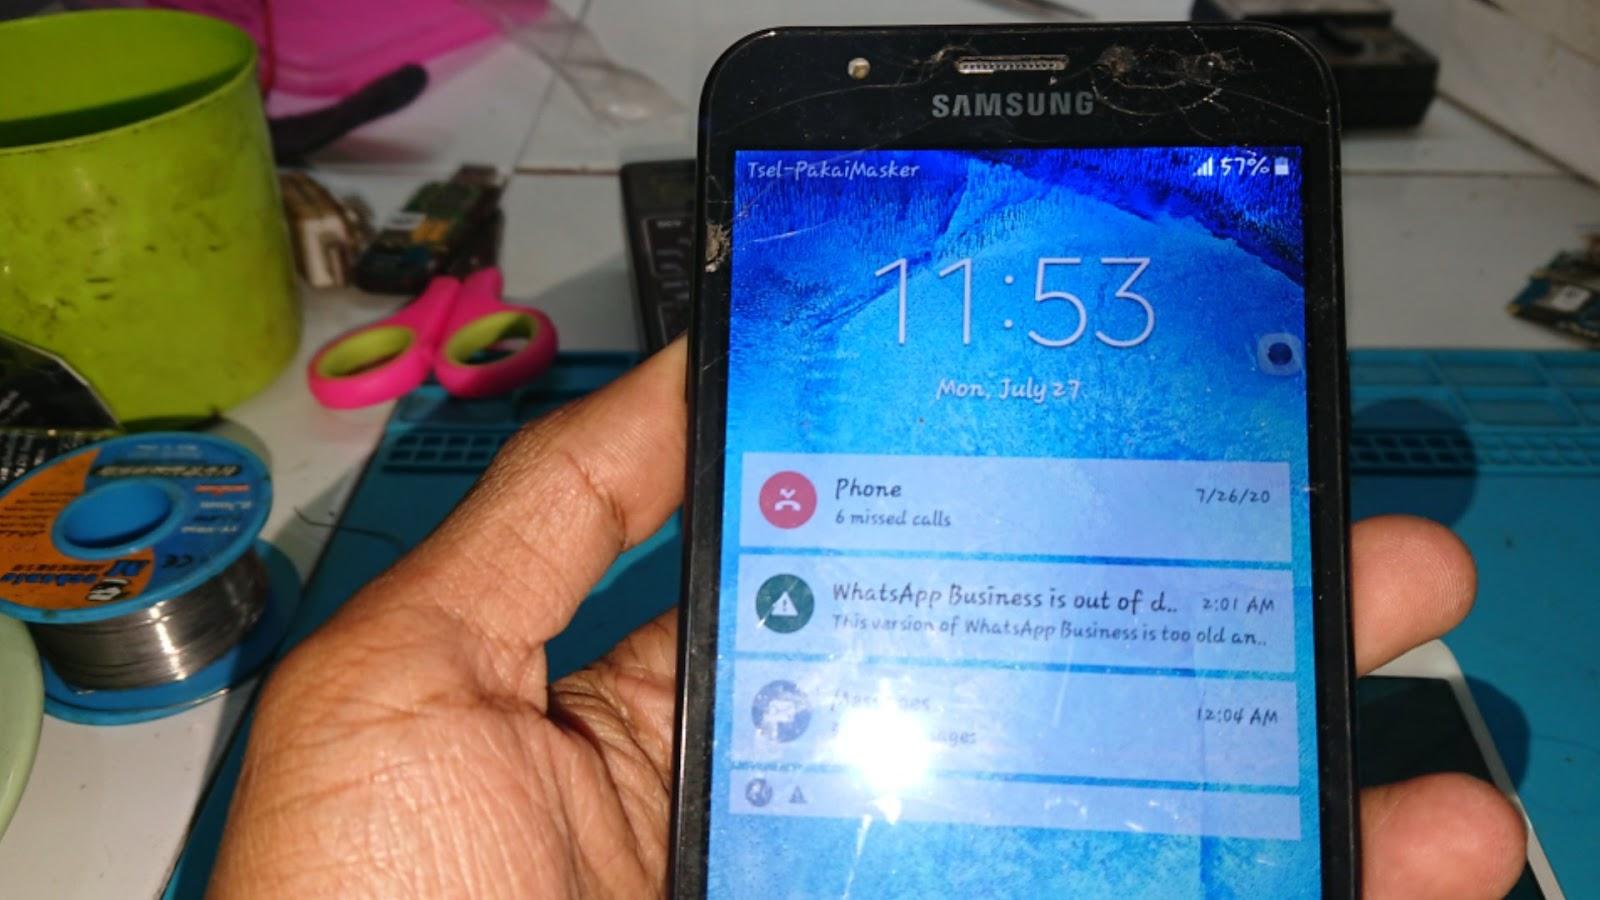 Gambar Samsung Galaxy 1600x900 Download Hd Wallpaper Wallpapertip